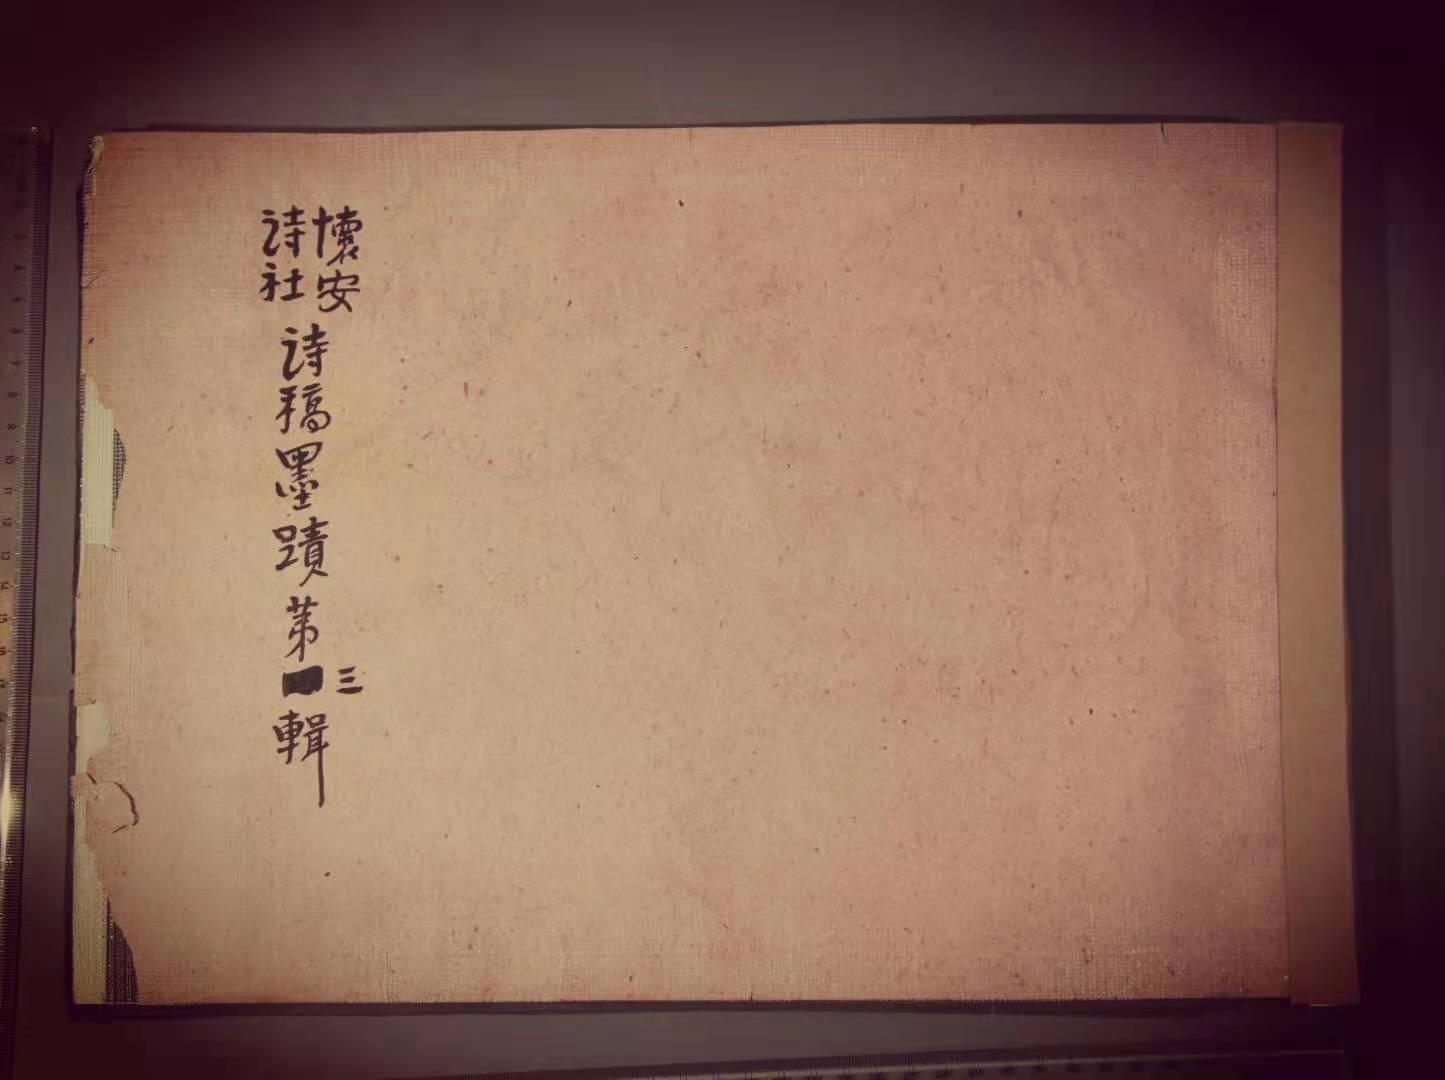 【印记·革命文物】《怀安诗社诗稿墨迹》